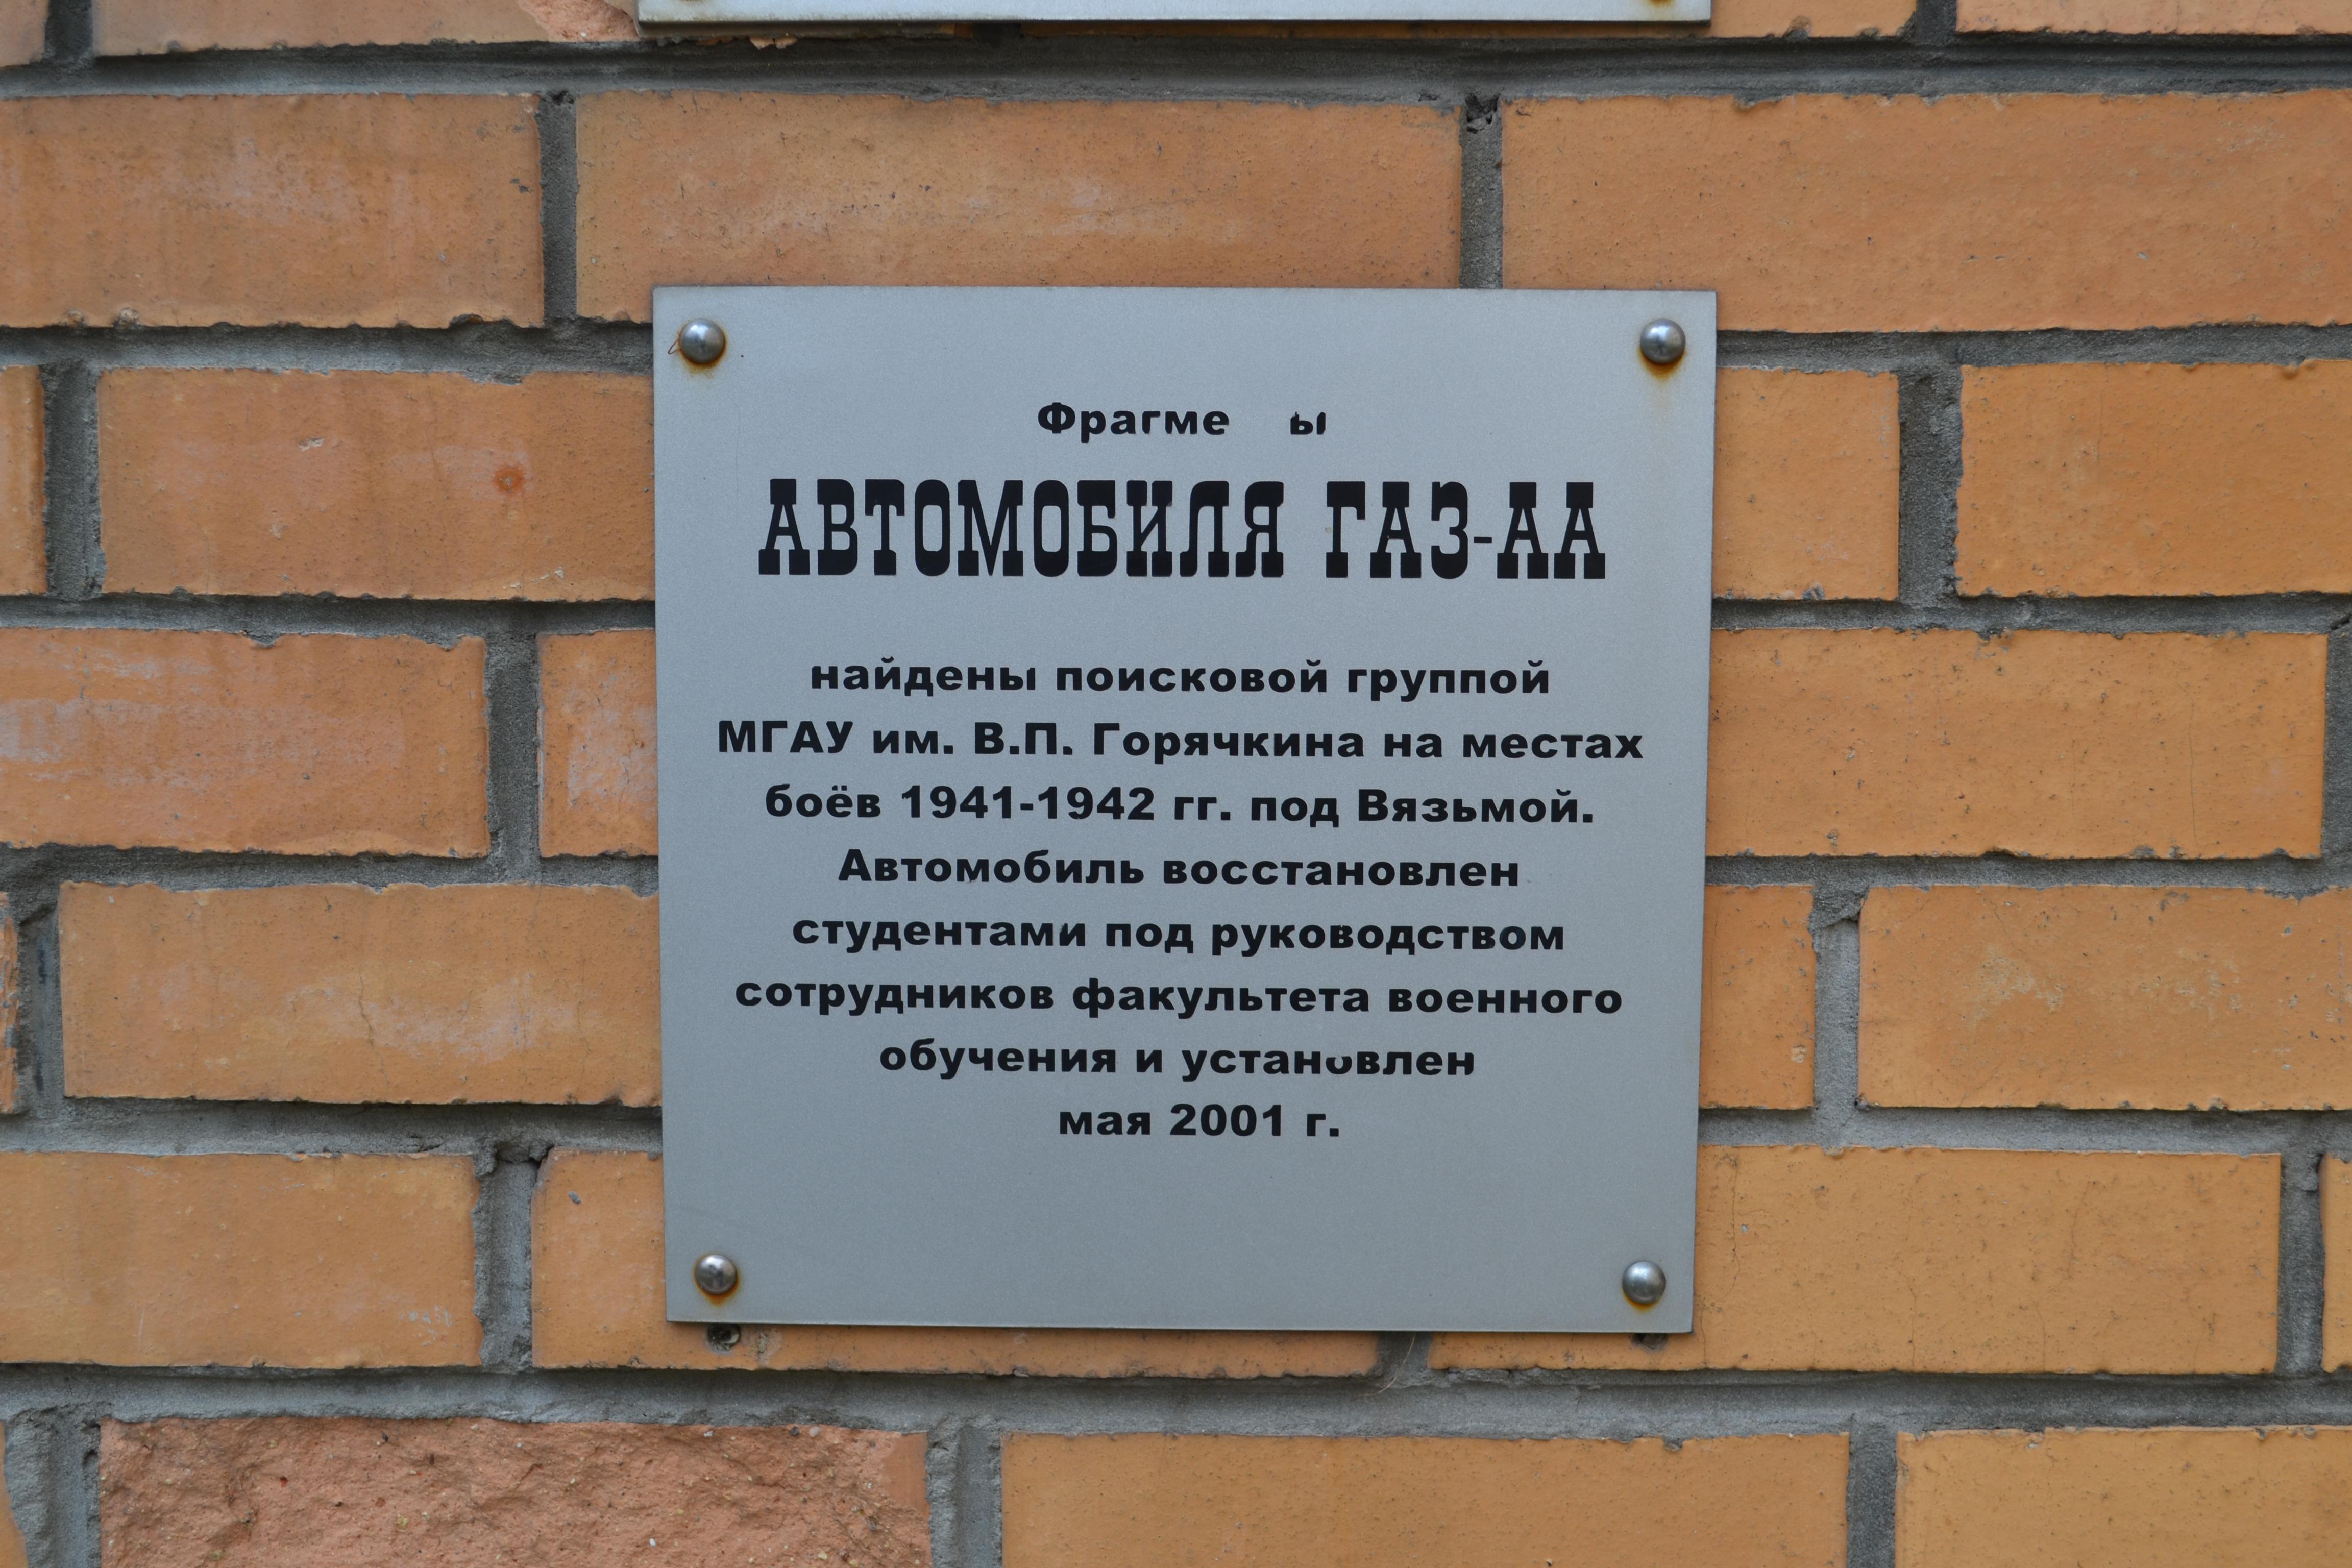 http://memory-map.prosv.ru/memorials/00/11/14/8/25092.jpeg